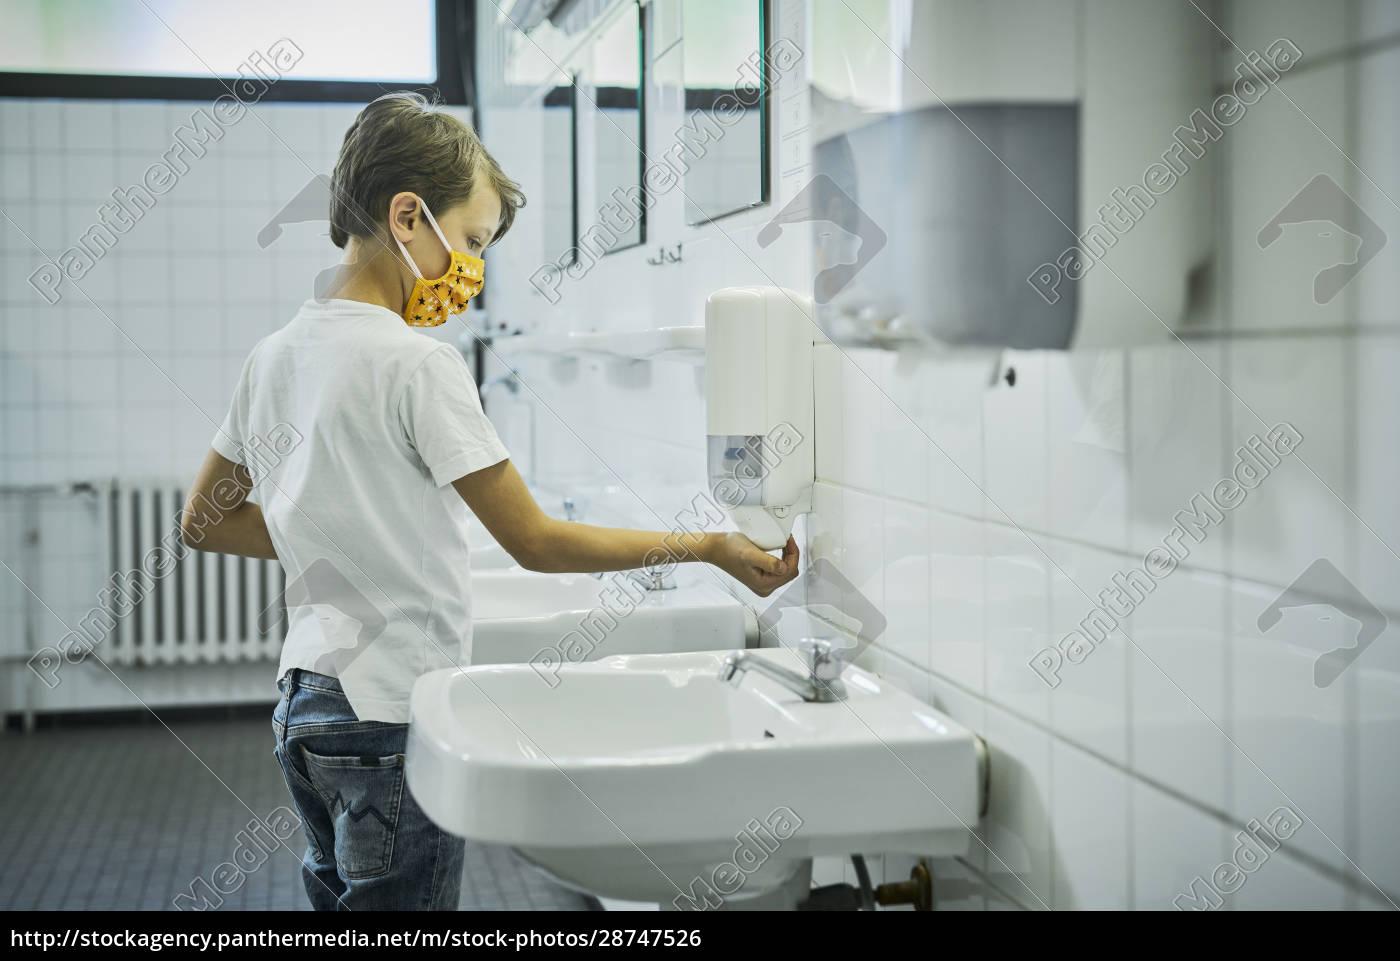 junge, trägt, maske, auf, schultoilette, waschen - 28747526